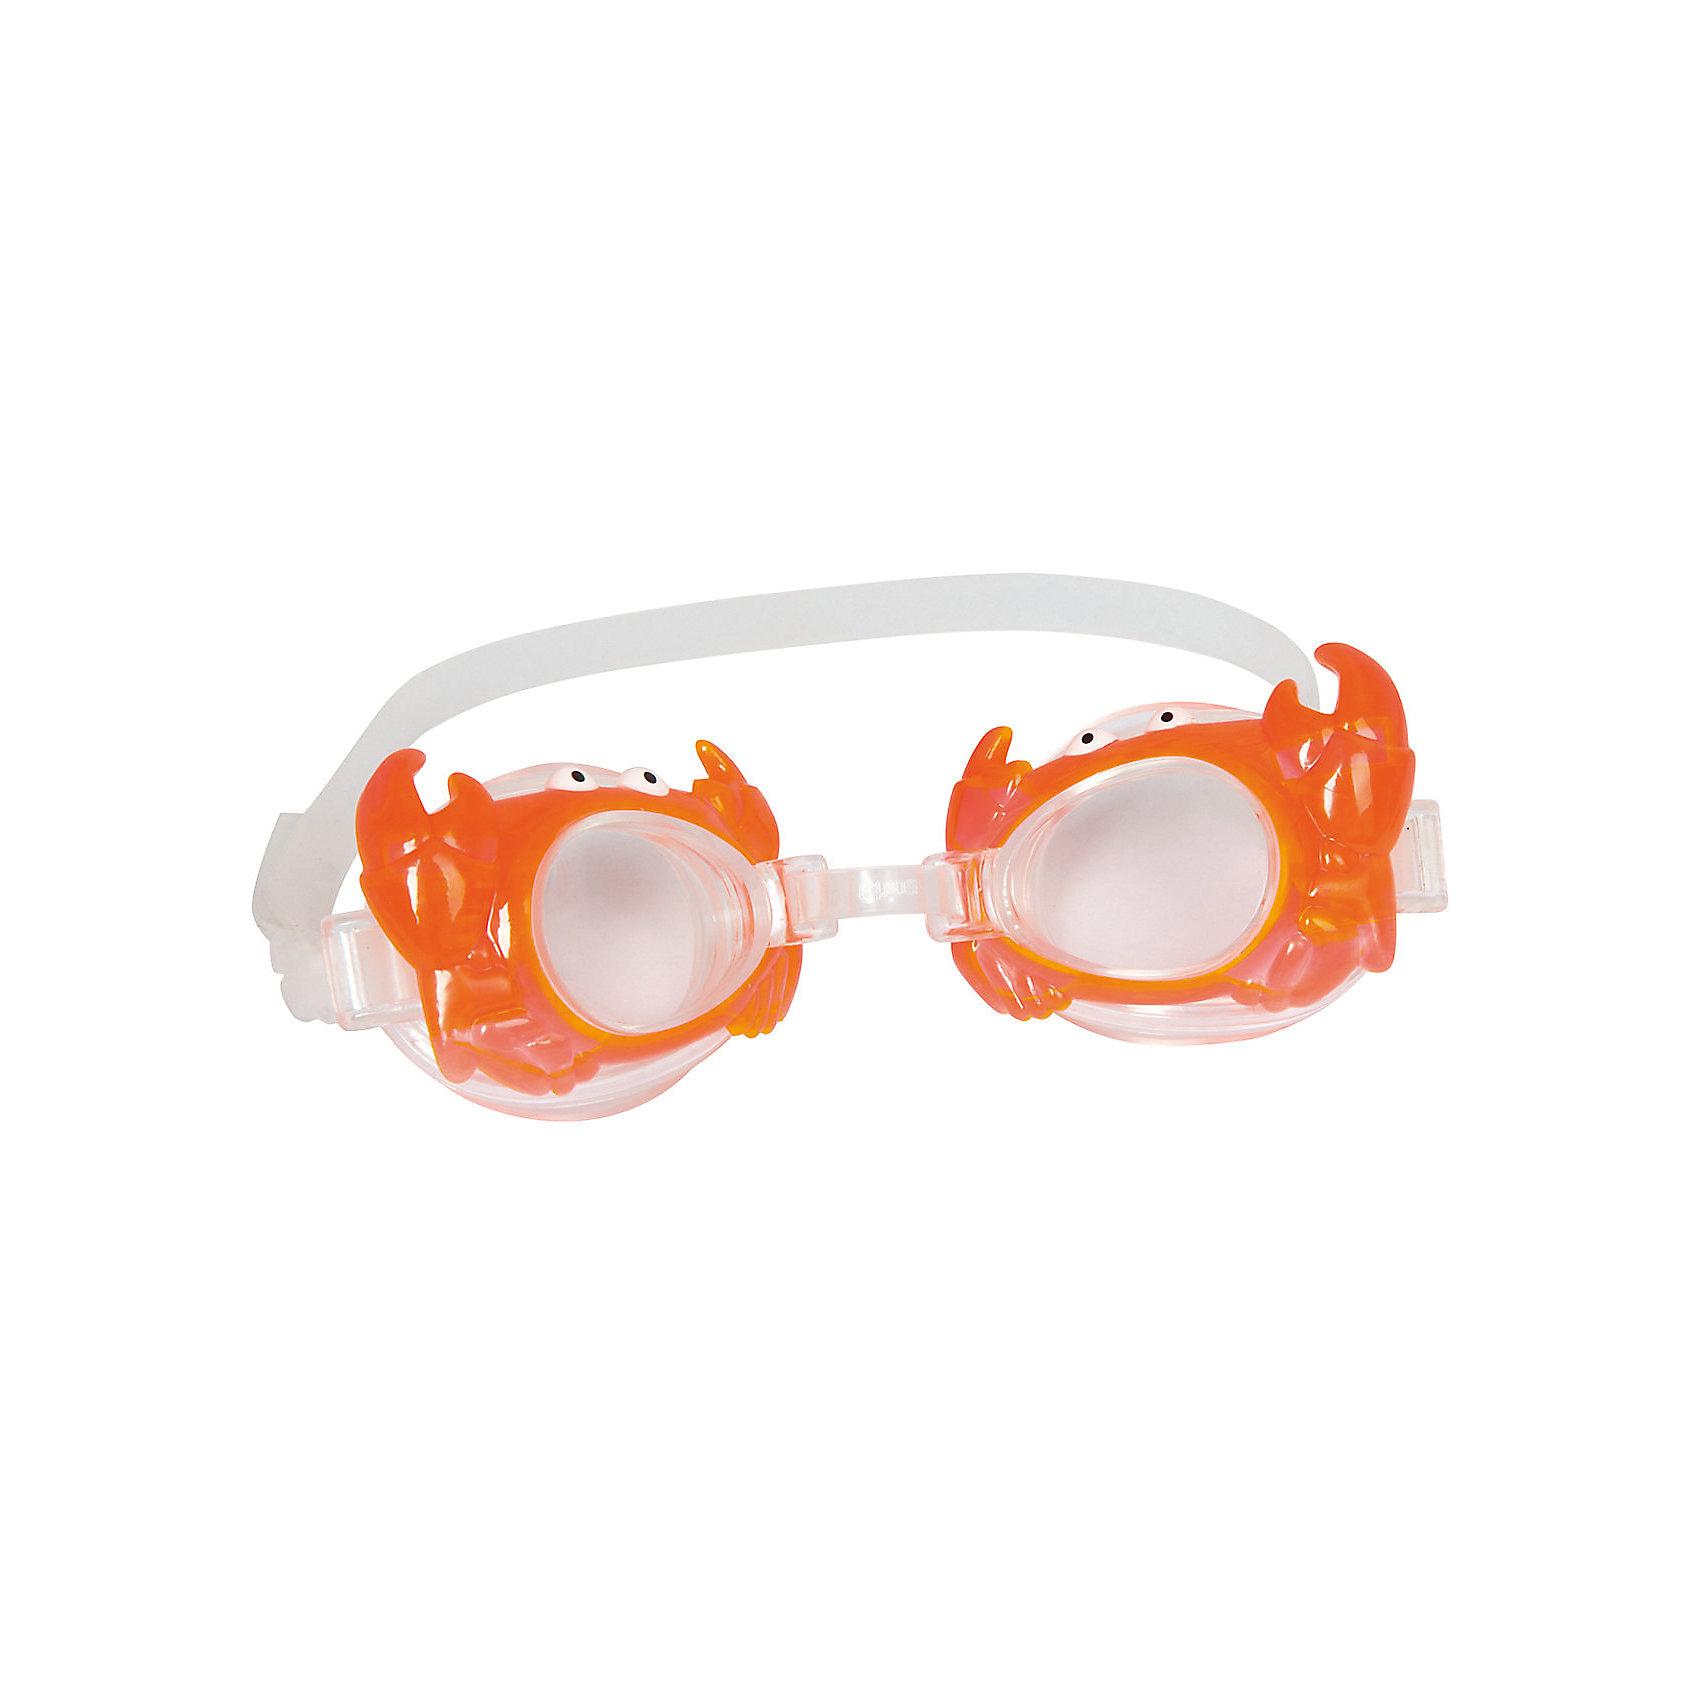 Очки для плавания детские, Bestway, оранжевыеДетские очки для плавания морские животные, Bestway, замечательно подойдут тем, кто только учится плавать. Очки выполнены в оригинальном дизайне в форме морских обитателей. Качественный ударопрочный материал не раздражает кожу и полностью безопасен для детского<br>здоровья. Очки оснащены линзами со специальным покрытием для предотвращения запотевания, плотно прилегают к лицу и надёжно фиксируются регулируемым ремешком. Оправа из гипоаллергенного и мягкого на ощупь термопластика обеспечивают комфорт во время использования. В ассортименте 4 дизайна в виде морских животных. Подходит для детей от 3 лет.<br><br>Дополнительная информация:<br><br>- Материал: поликарбонат, резина/латекс.<br>- Размер упаковки: 20 х 10 х 3 см.<br>- Вес: 17 гр.<br><br>Очки для плавания детские, морские животные в ассортименте, Bestway, можно купить в нашем интернет-магазине.<br><br>ВНИМАНИЕ! Данный артикул имеется в наличии в разных вариантах исполнения. Заранее выбрать определенный вариант нельзя. При заказе нескольких наборов возможно получение одинаковых.<br><br>Ширина мм: 205<br>Глубина мм: 168<br>Высота мм: 36<br>Вес г: 70<br>Возраст от месяцев: 36<br>Возраст до месяцев: 2147483647<br>Пол: Унисекс<br>Возраст: Детский<br>SKU: 4980618